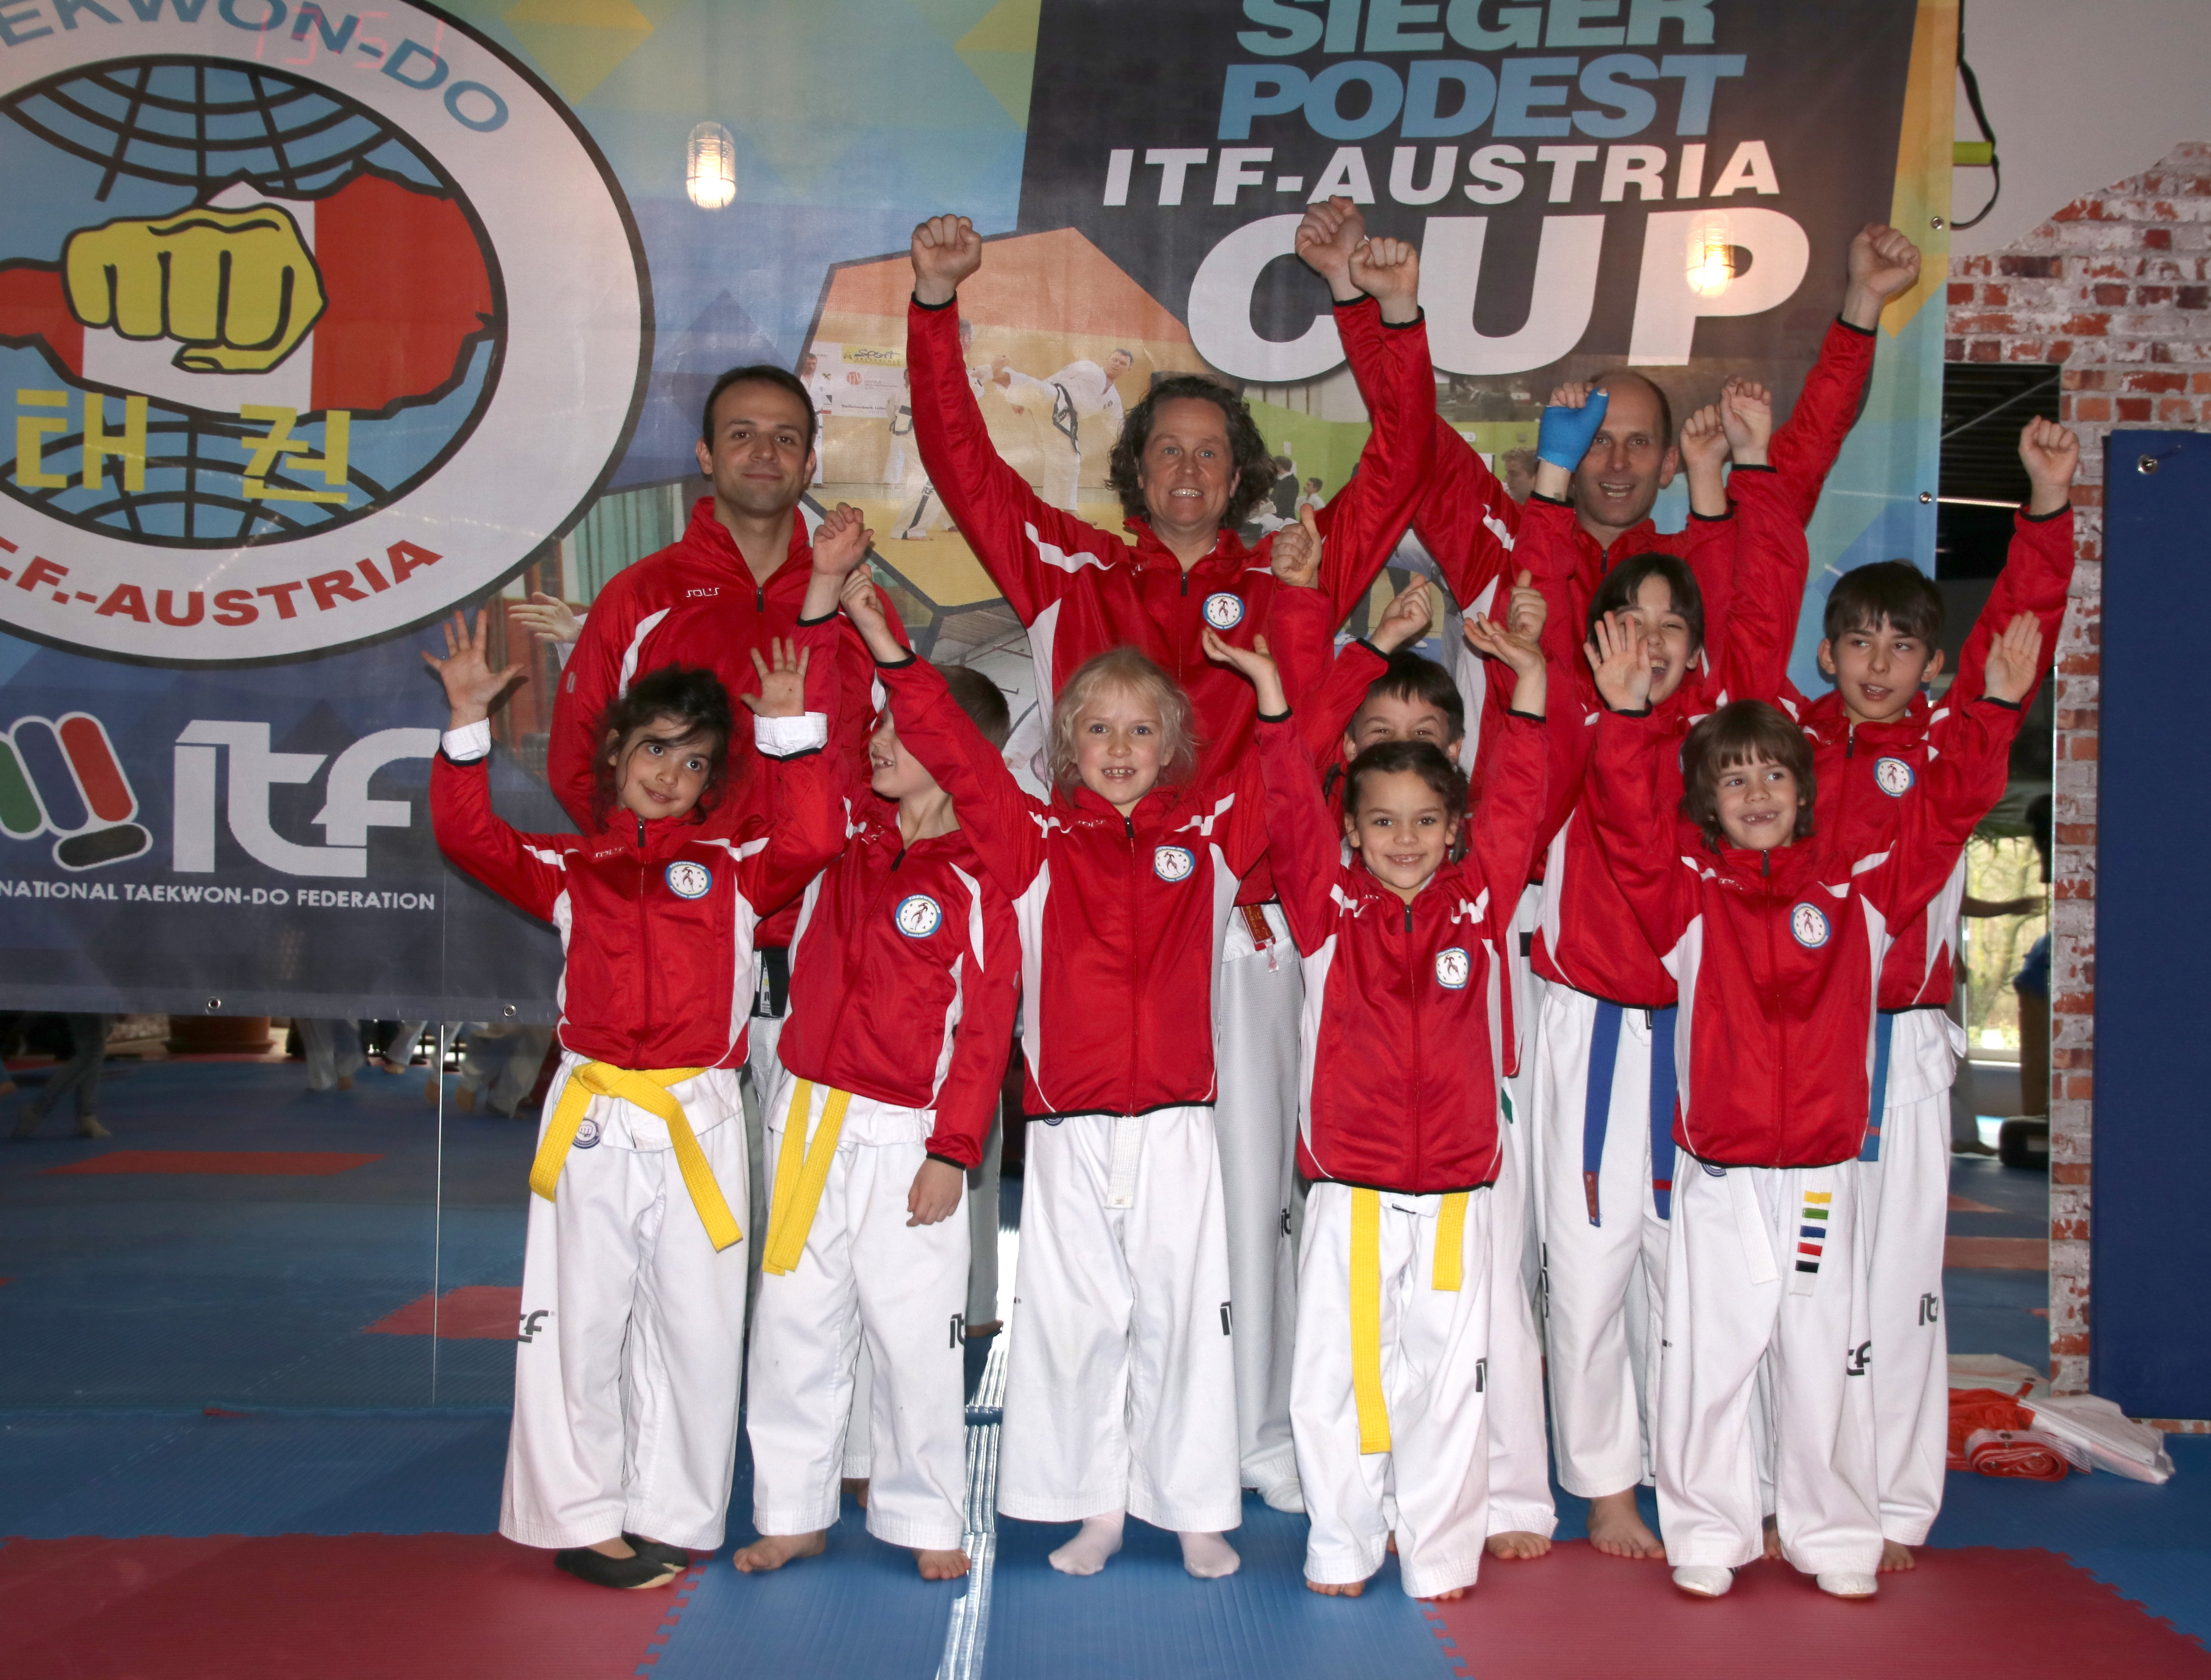 Team Tul / Power Cup 2017